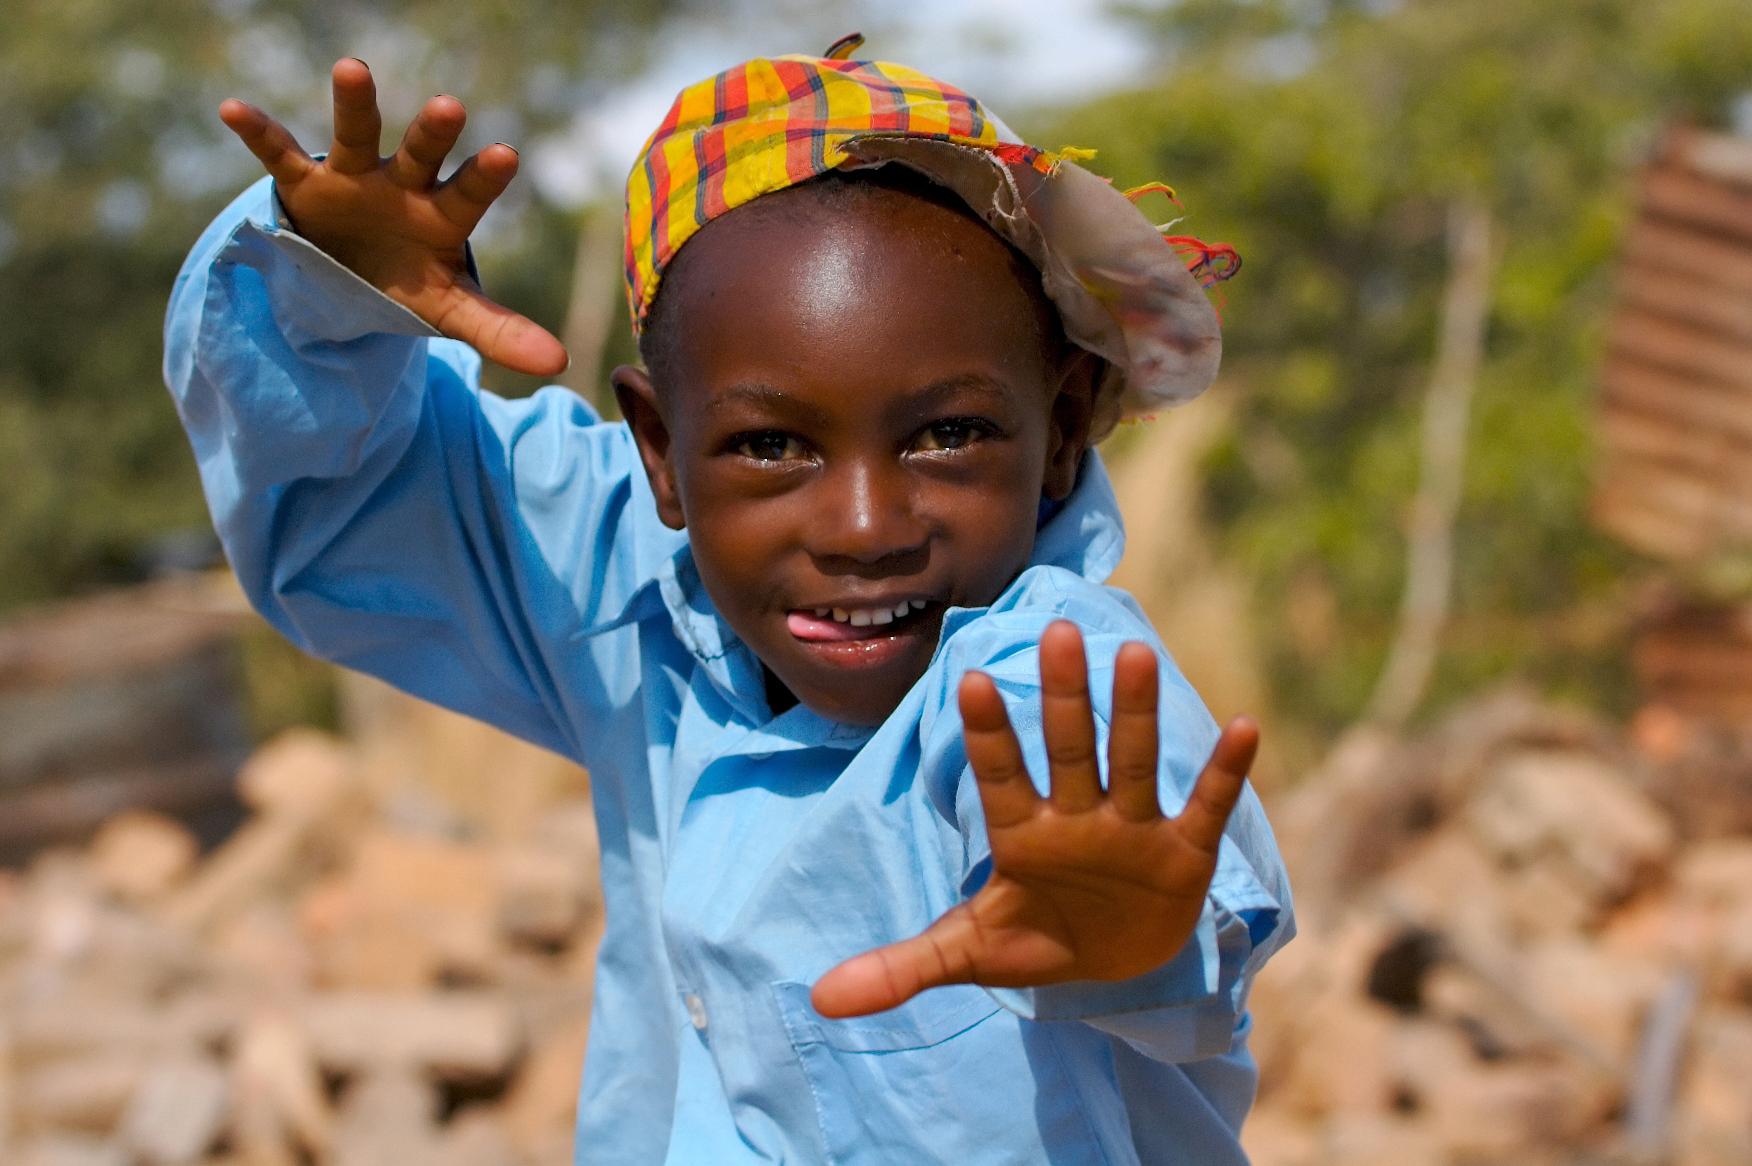 L'événement de Djibouti demande le soutien régional à #EndChildLabour2021!